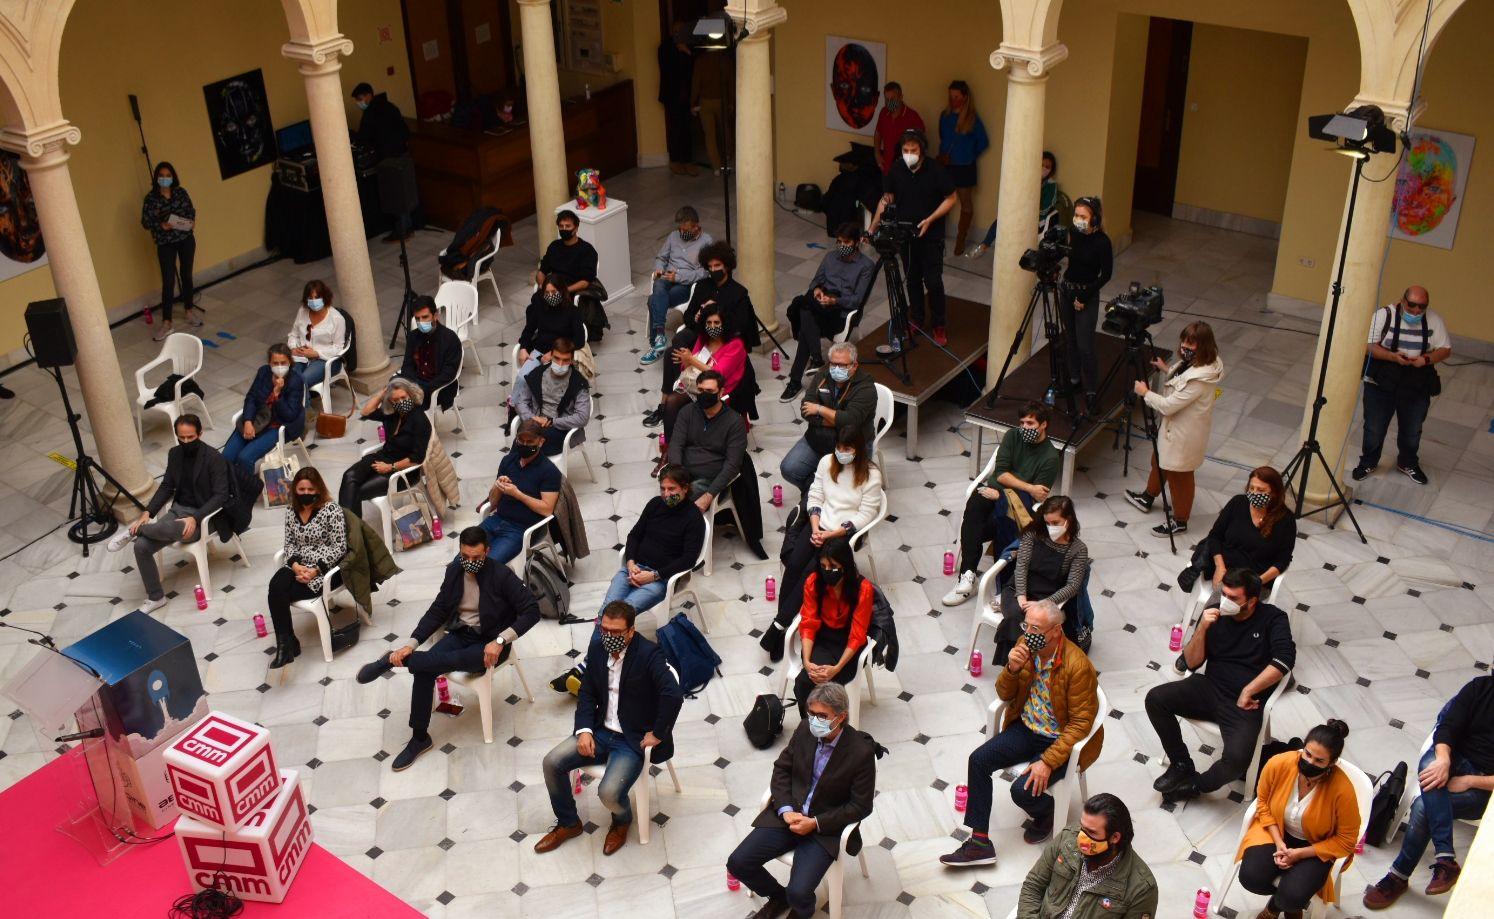 El Festival Internacional de Cine de Albacete, Abycine, adapta su programación original tras las medidas provocadas por la pandemia de coronavirus